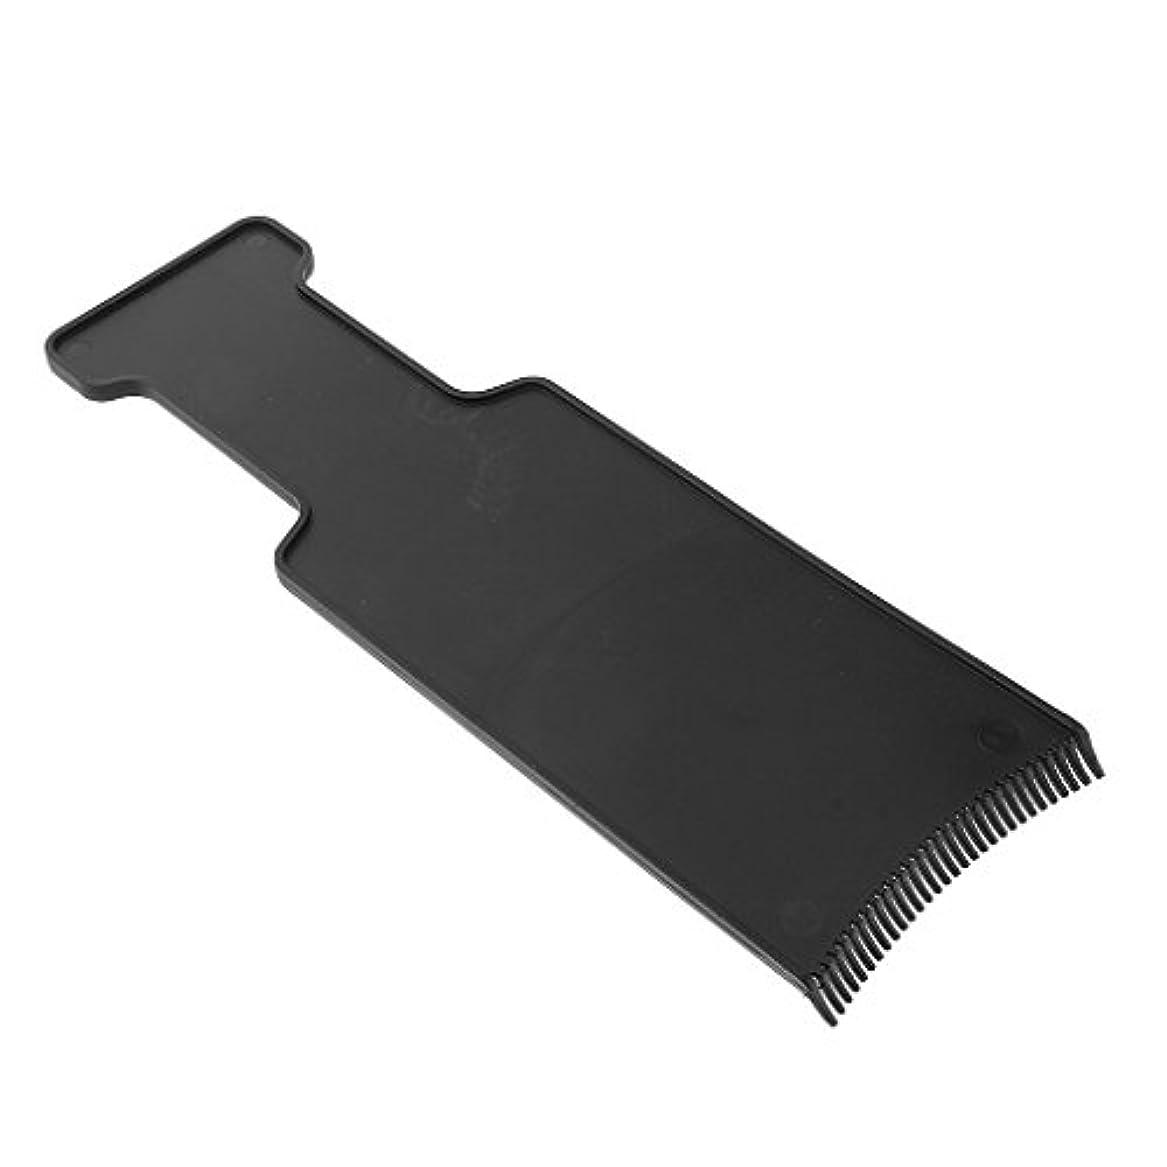 ミリメーター反抗複数サロン ヘアカラー ボード ヘアカラーティント 美容 ヘア ツール 髪 保護 ブラック 全4サイズ - M